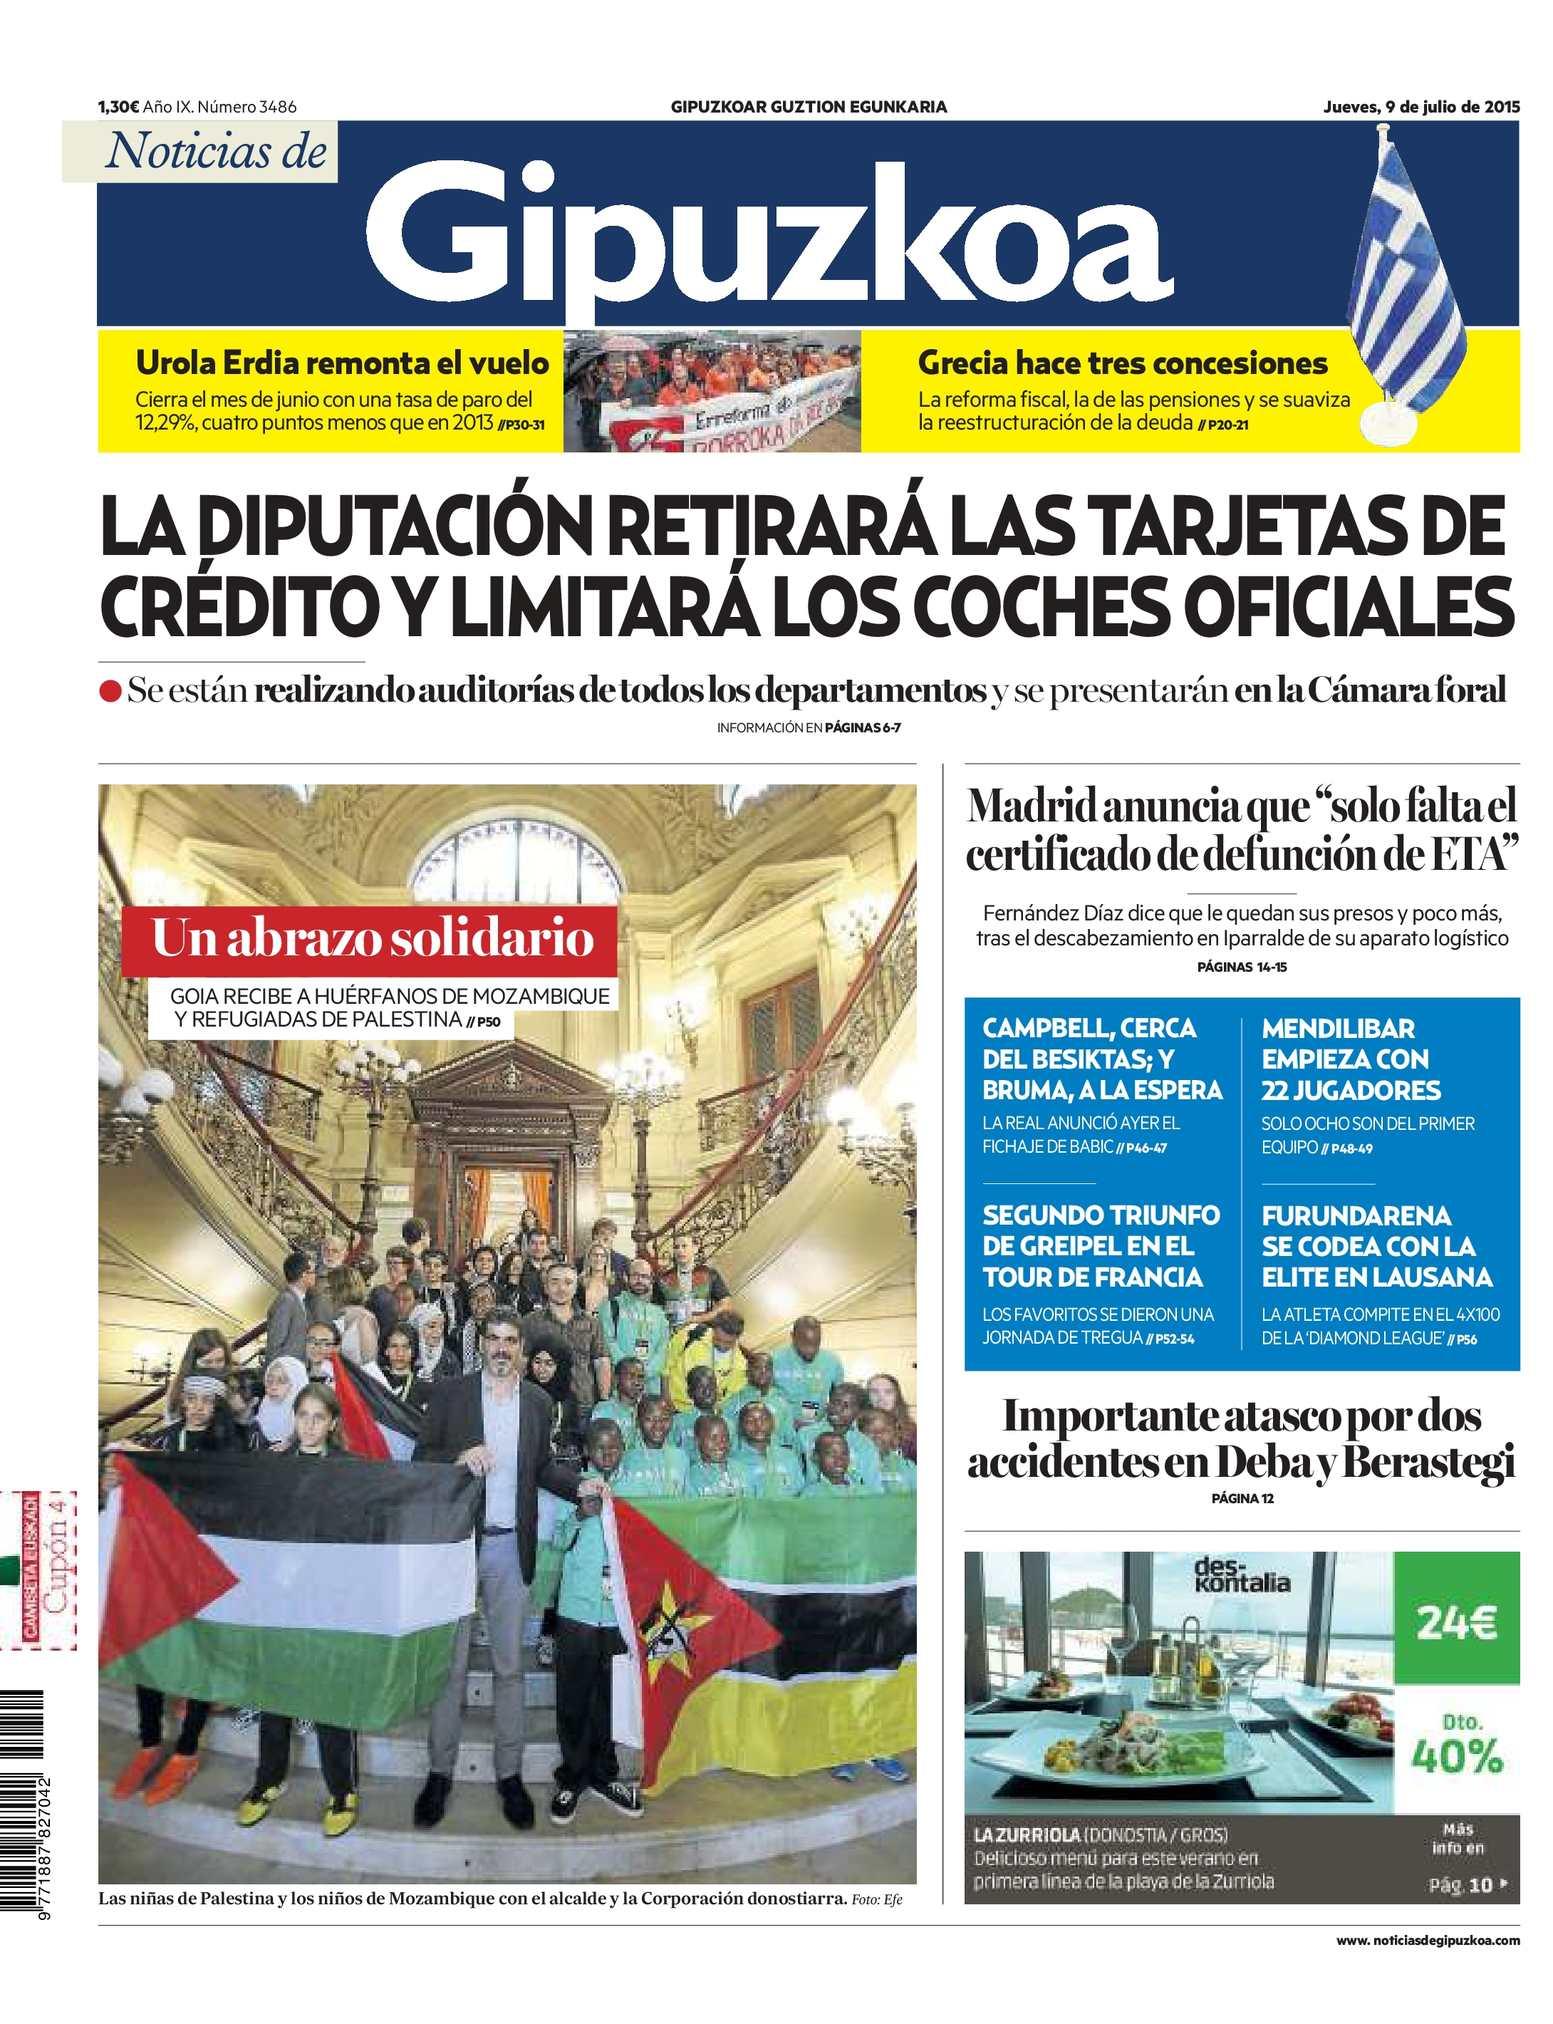 cc1aa56c9 Calaméo - Noticias de Gipuzkoa 20150709